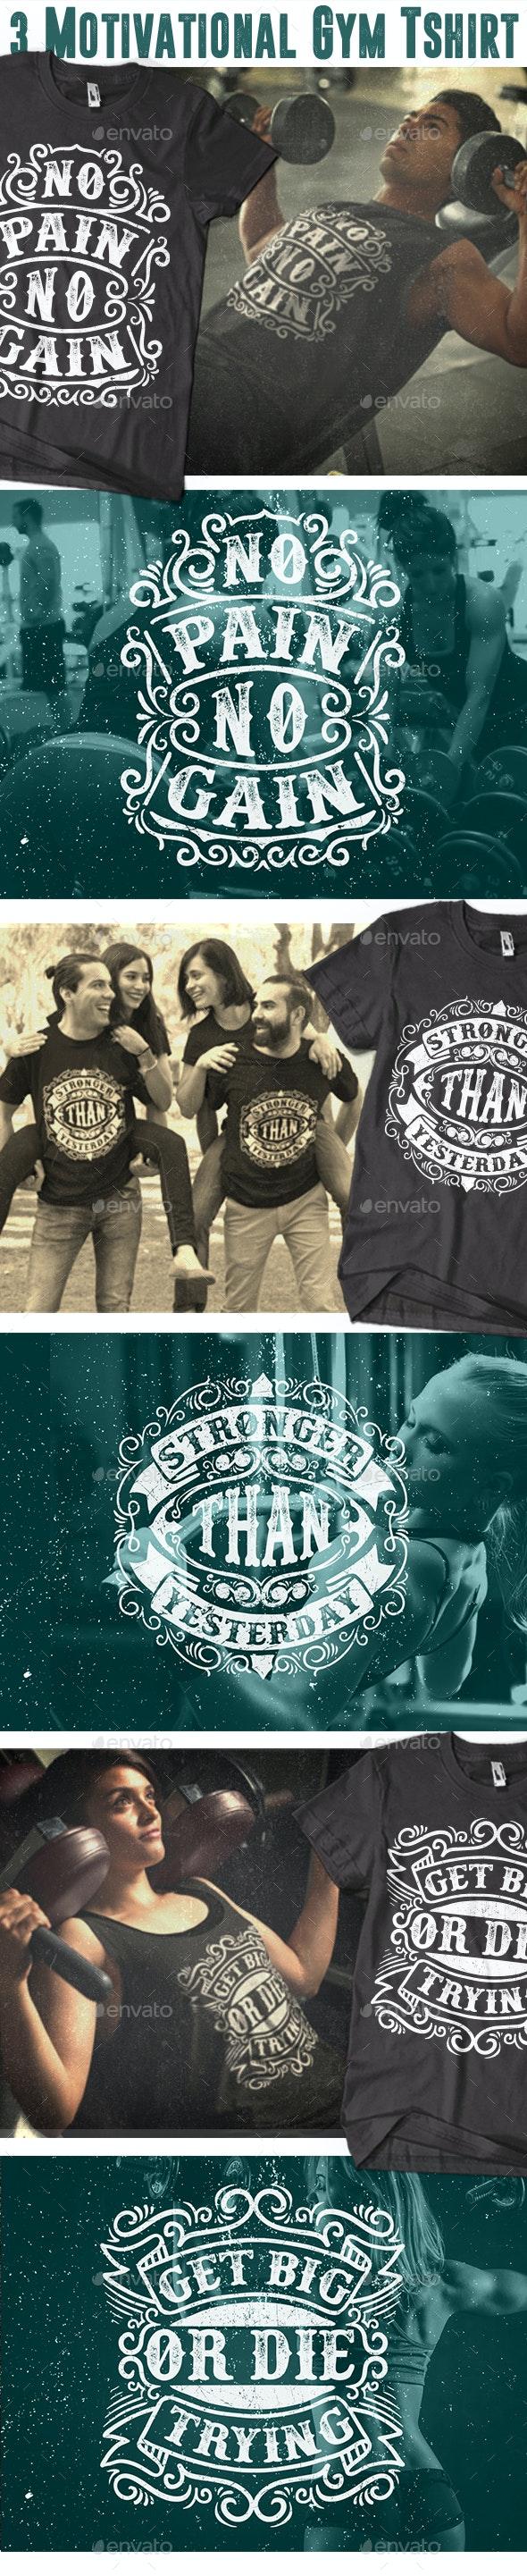 3 Motivational Gym Tshirt Vol.2 - T-Shirts